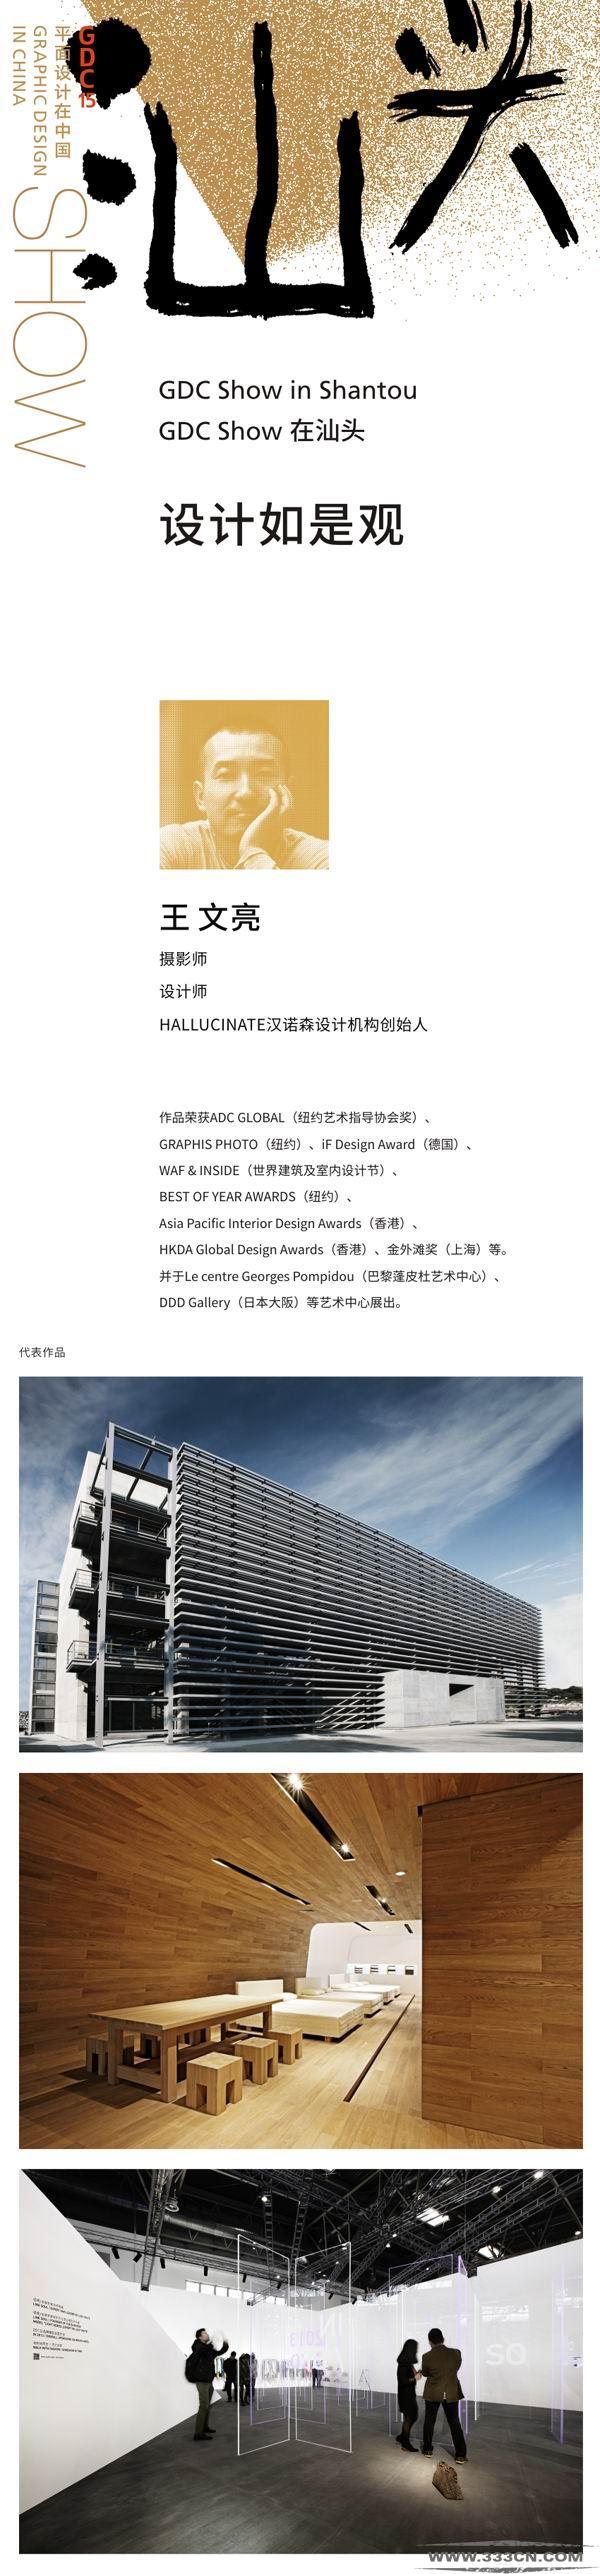 GDC Show 在汕头 设计如是观 平面设计在中国